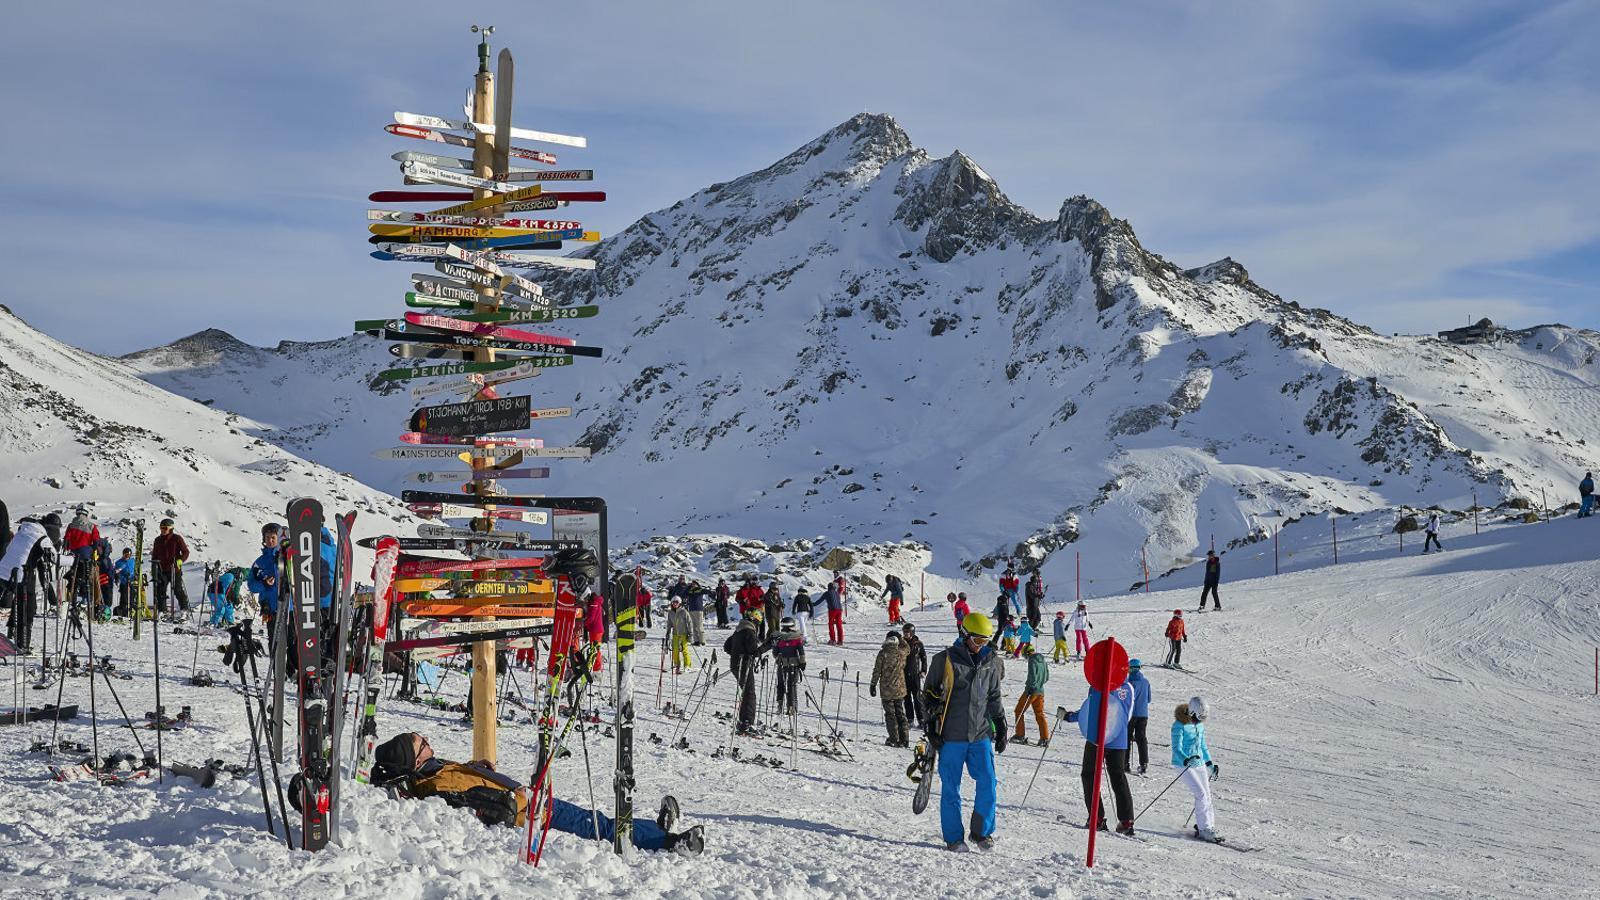 Turistes a l'estació d'esquí d'Ischgl, a Àustria, que es va convertir en un focus de contagi al març. No van tancar tot i els senyals d'alarma que arribaven des d'Itàlia.